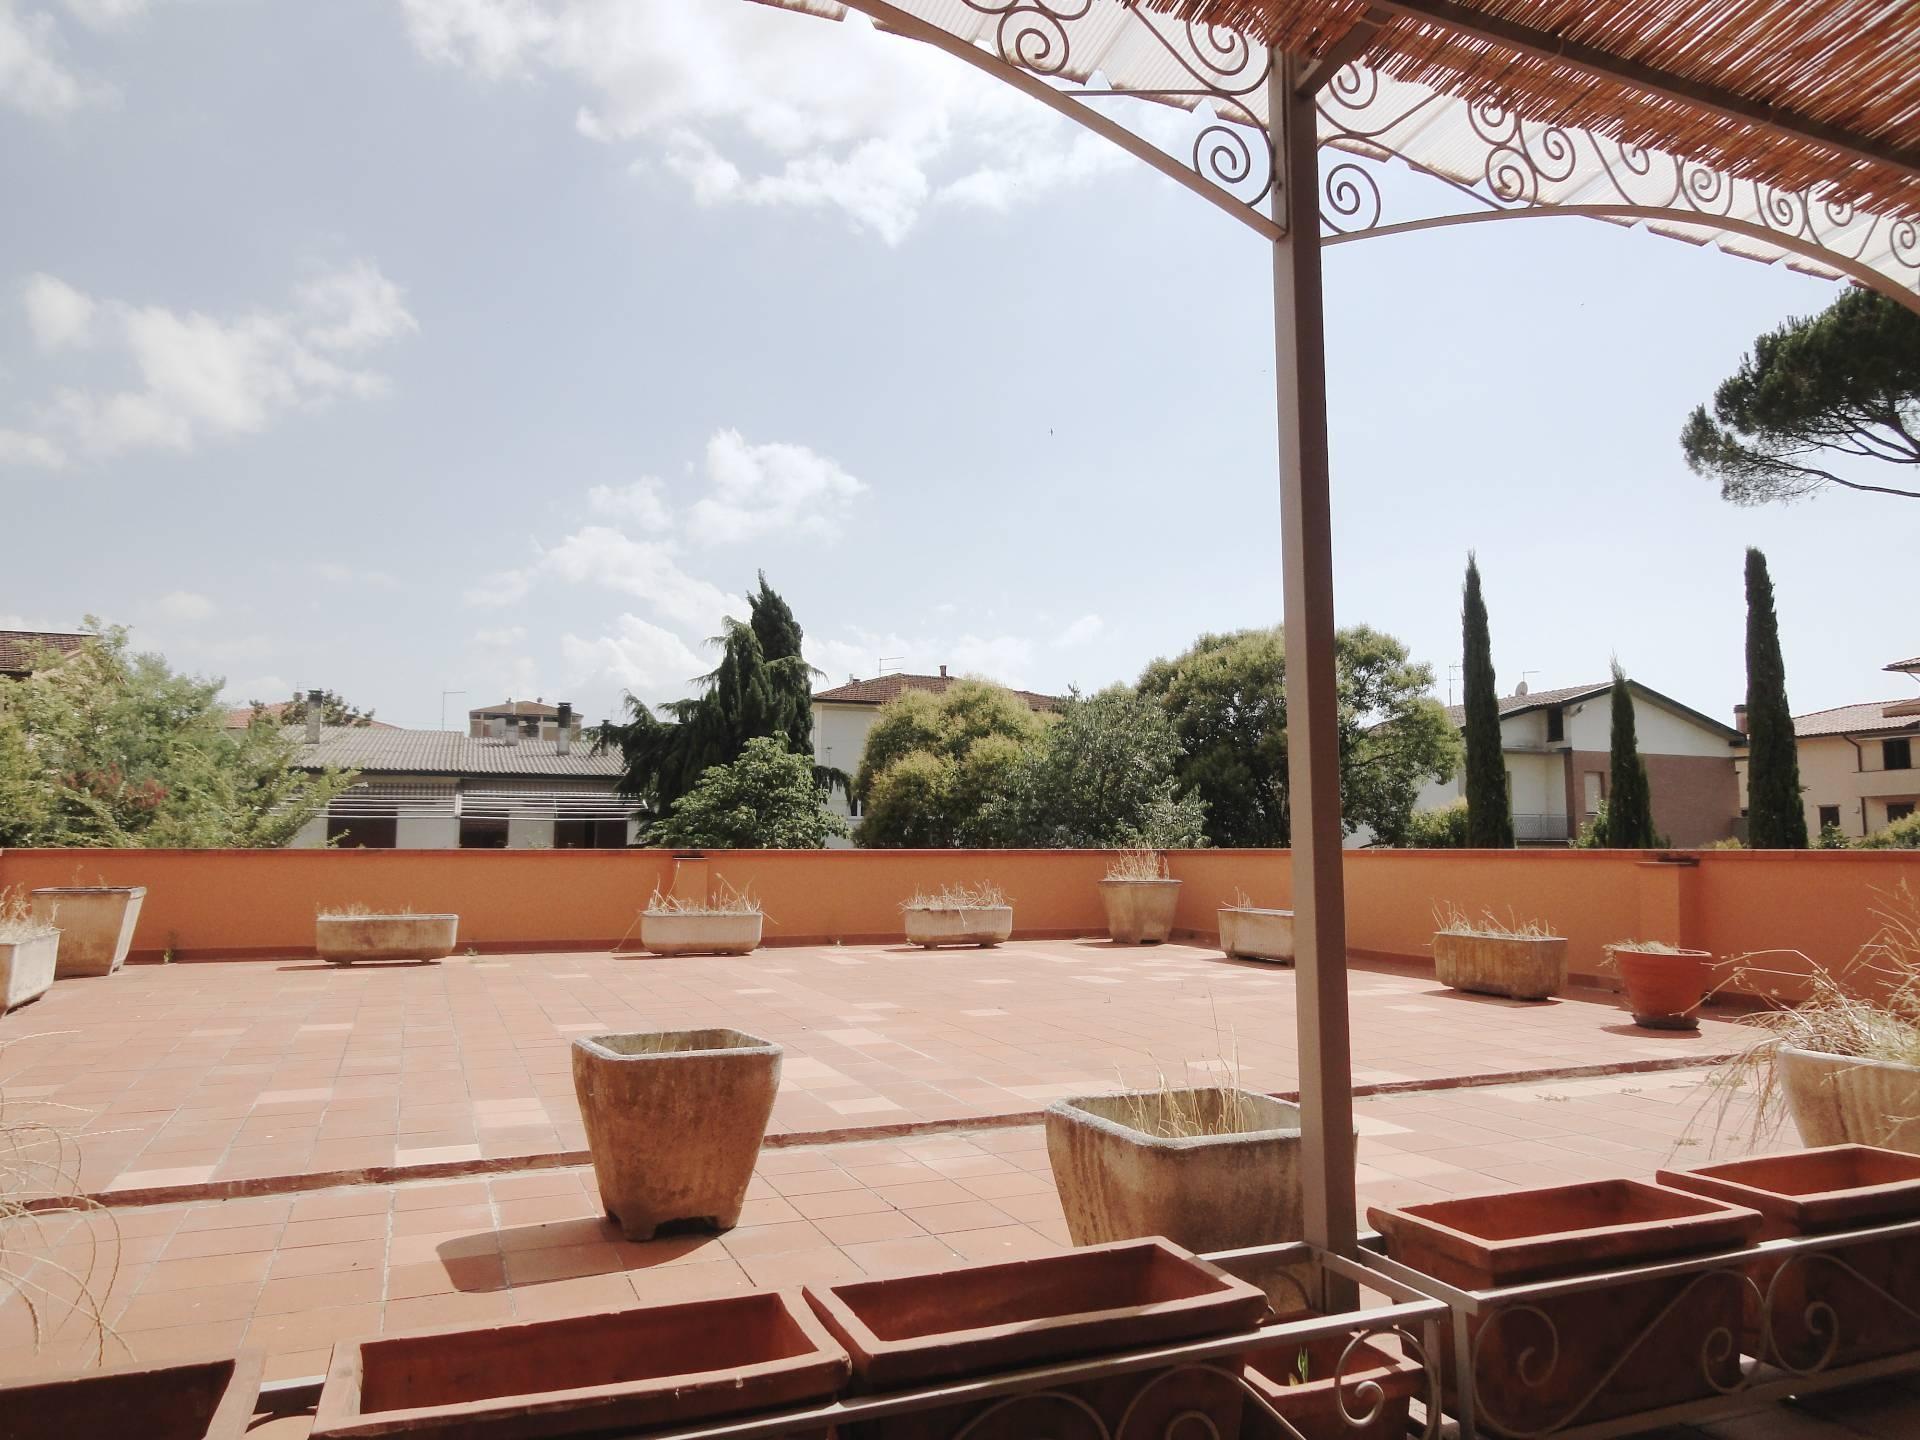 Appartamento in vendita a Pontedera, 7 locali, zona Località: Oltrera, prezzo € 200.000 | CambioCasa.it